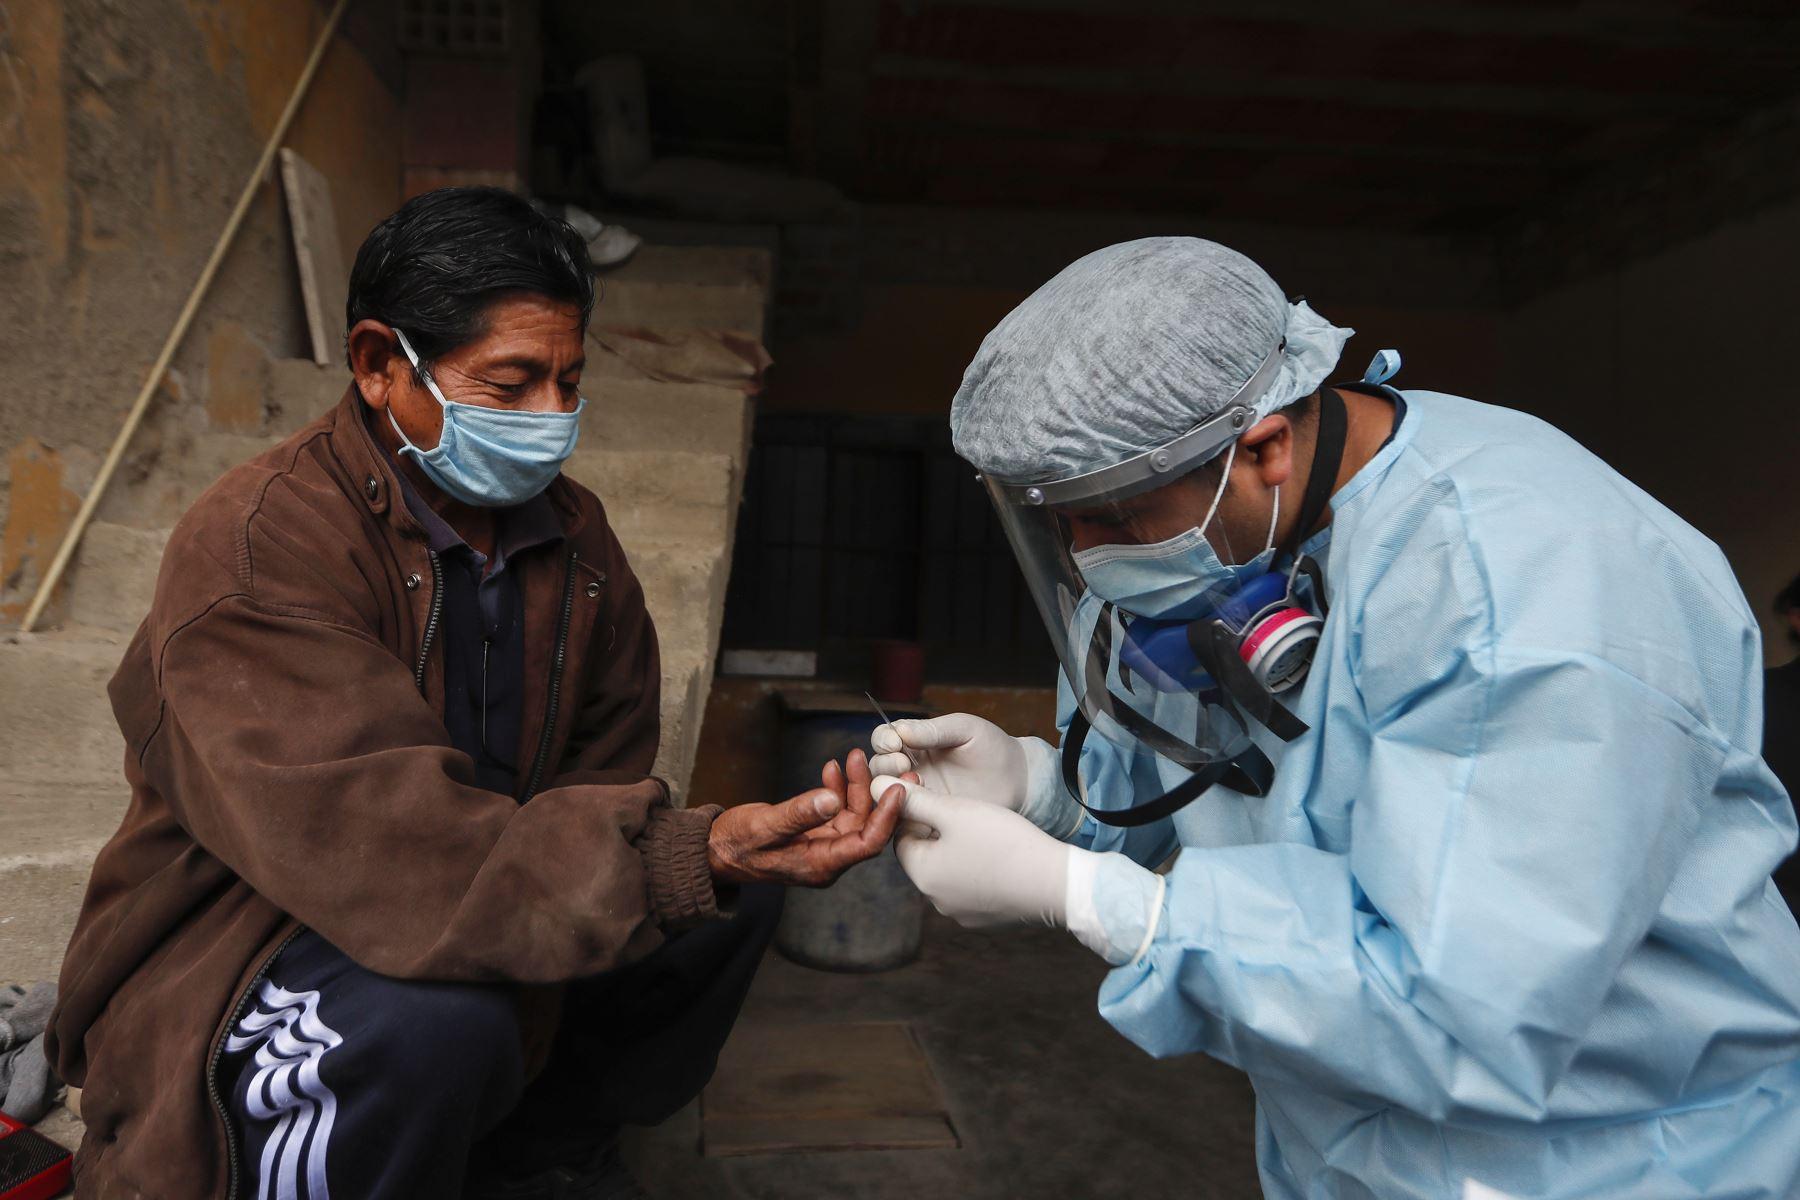 Los médicos inician la prueba rápida para detectar el Covid-19 a personas mayores de 60 años o quienes presenten alguna comorbilidad. Foto: ANDINA/Renato Pajuelo